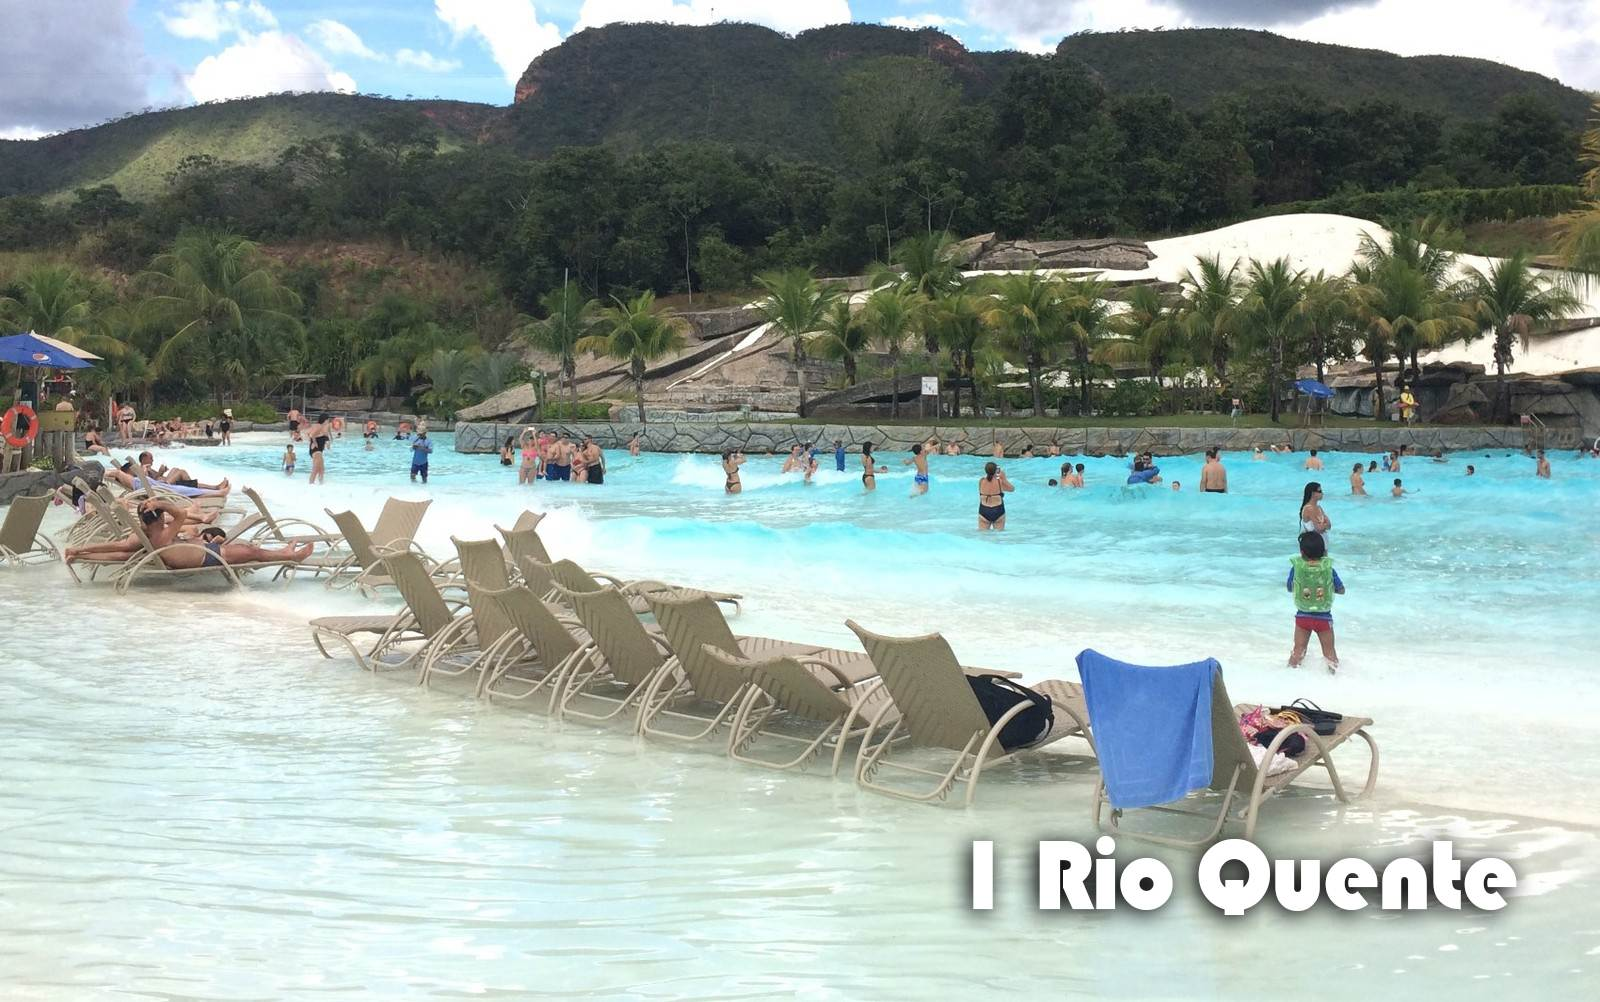 Em Rio Quente, o Hot Park é um dos maiores parques aquáticos de águas termais do mundo | Foto: Divulgação